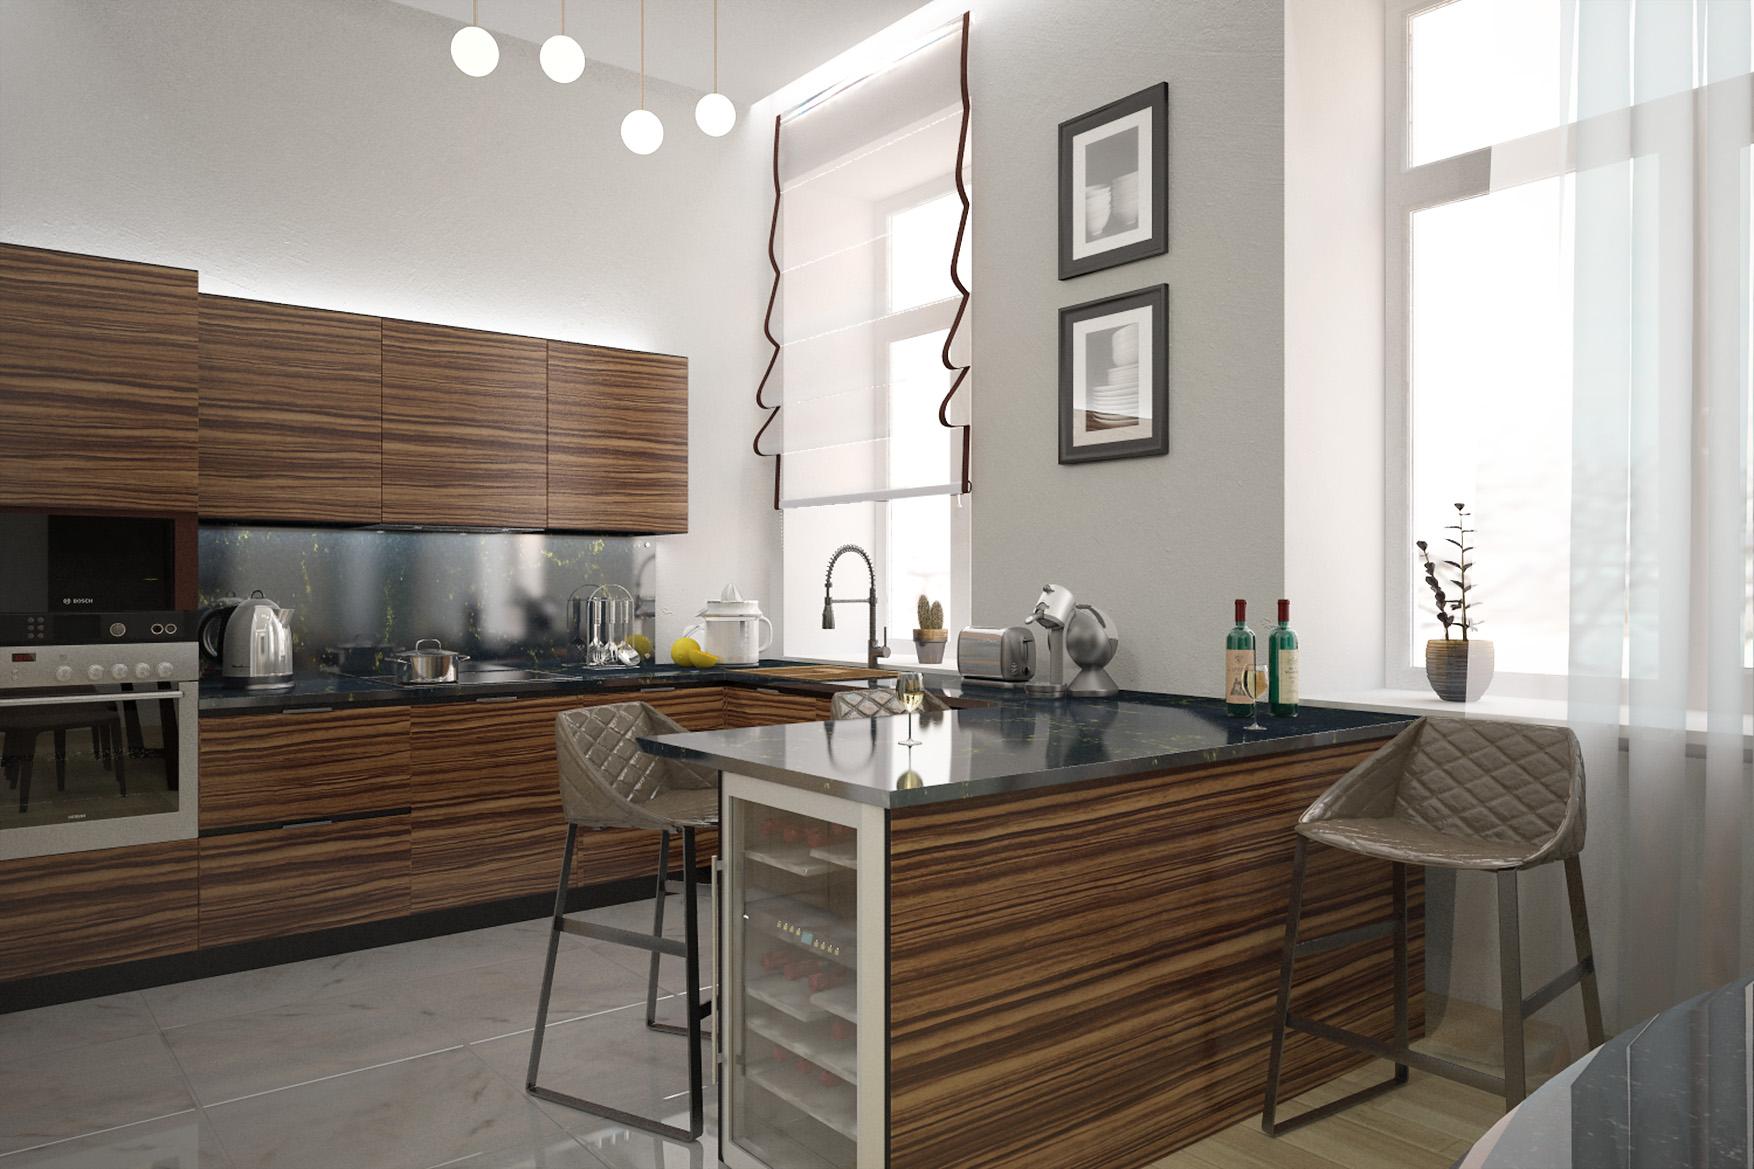 Дизайн интерьера квартиры, ул. Сретенка, Москва, кухня